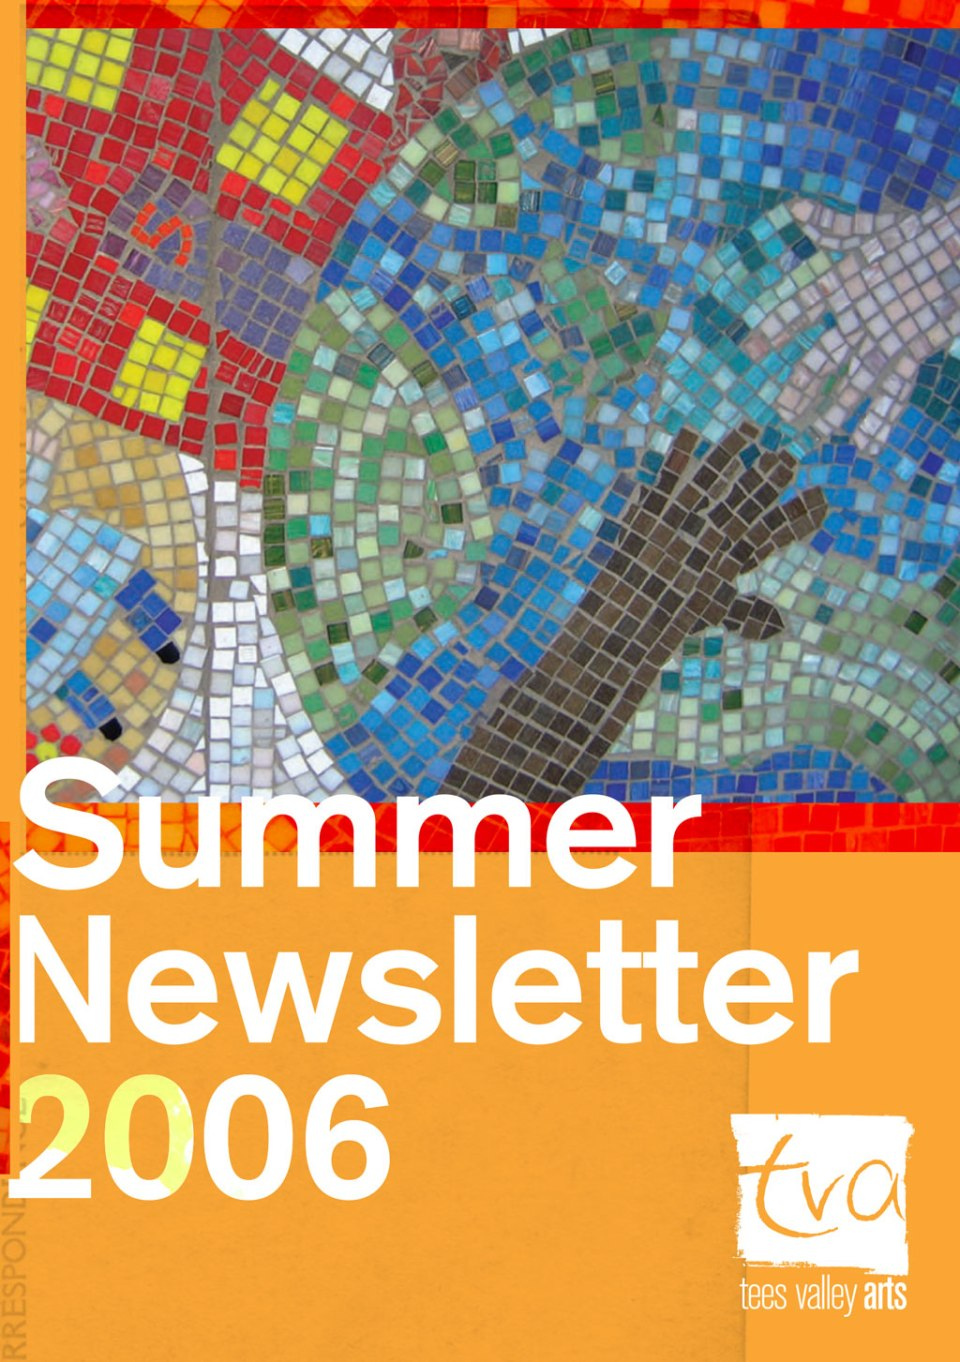 TVA Summer Newsletter 2006